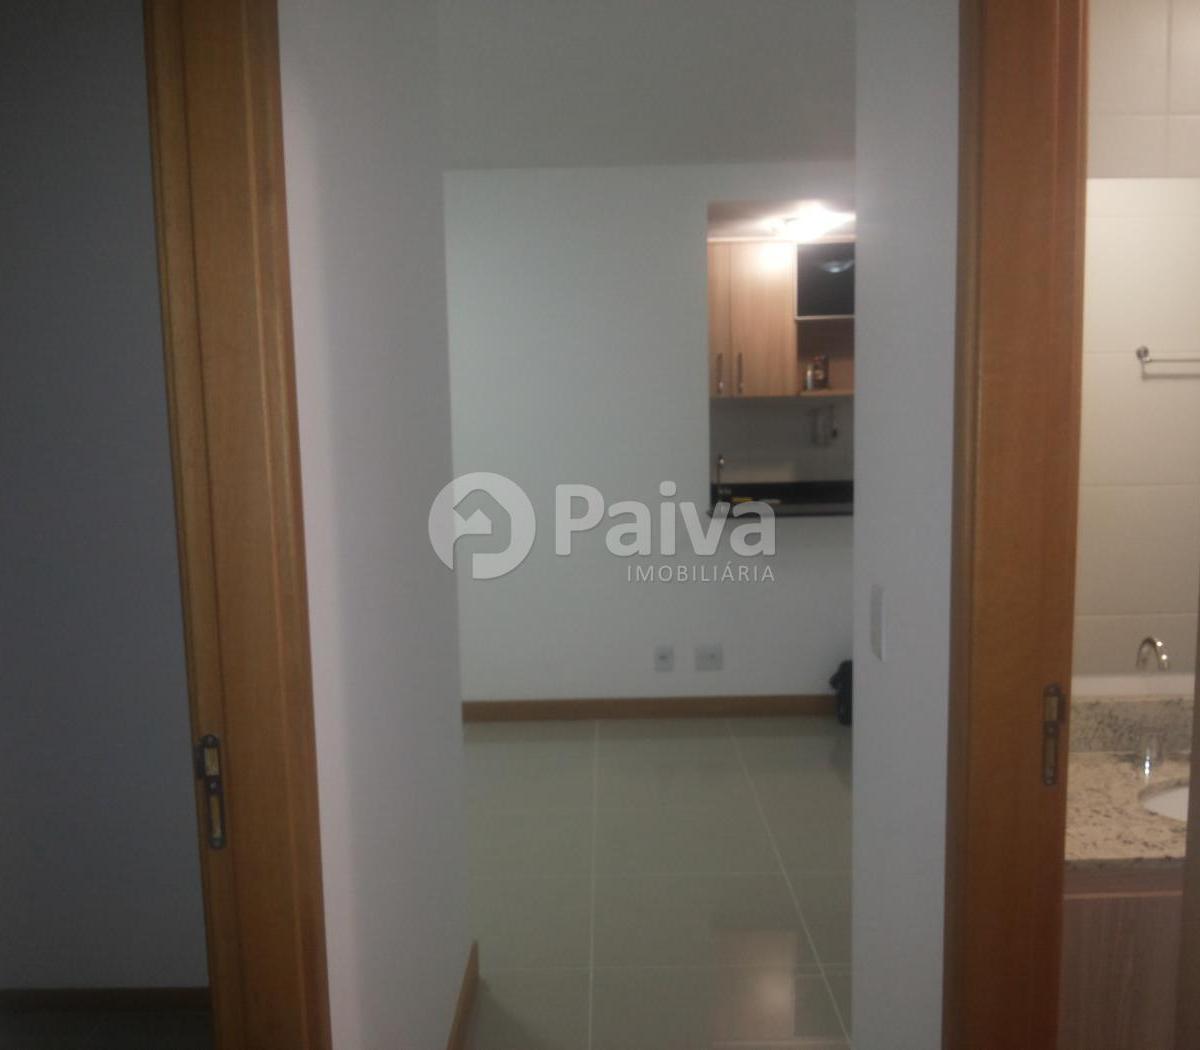 Imagens de #664730 Apartamento para aluguel com 3 Quartos Jacarepaguá Rio de Janeiro  1200x1050 px 3544 Blindex Banheiro Jacarepagua